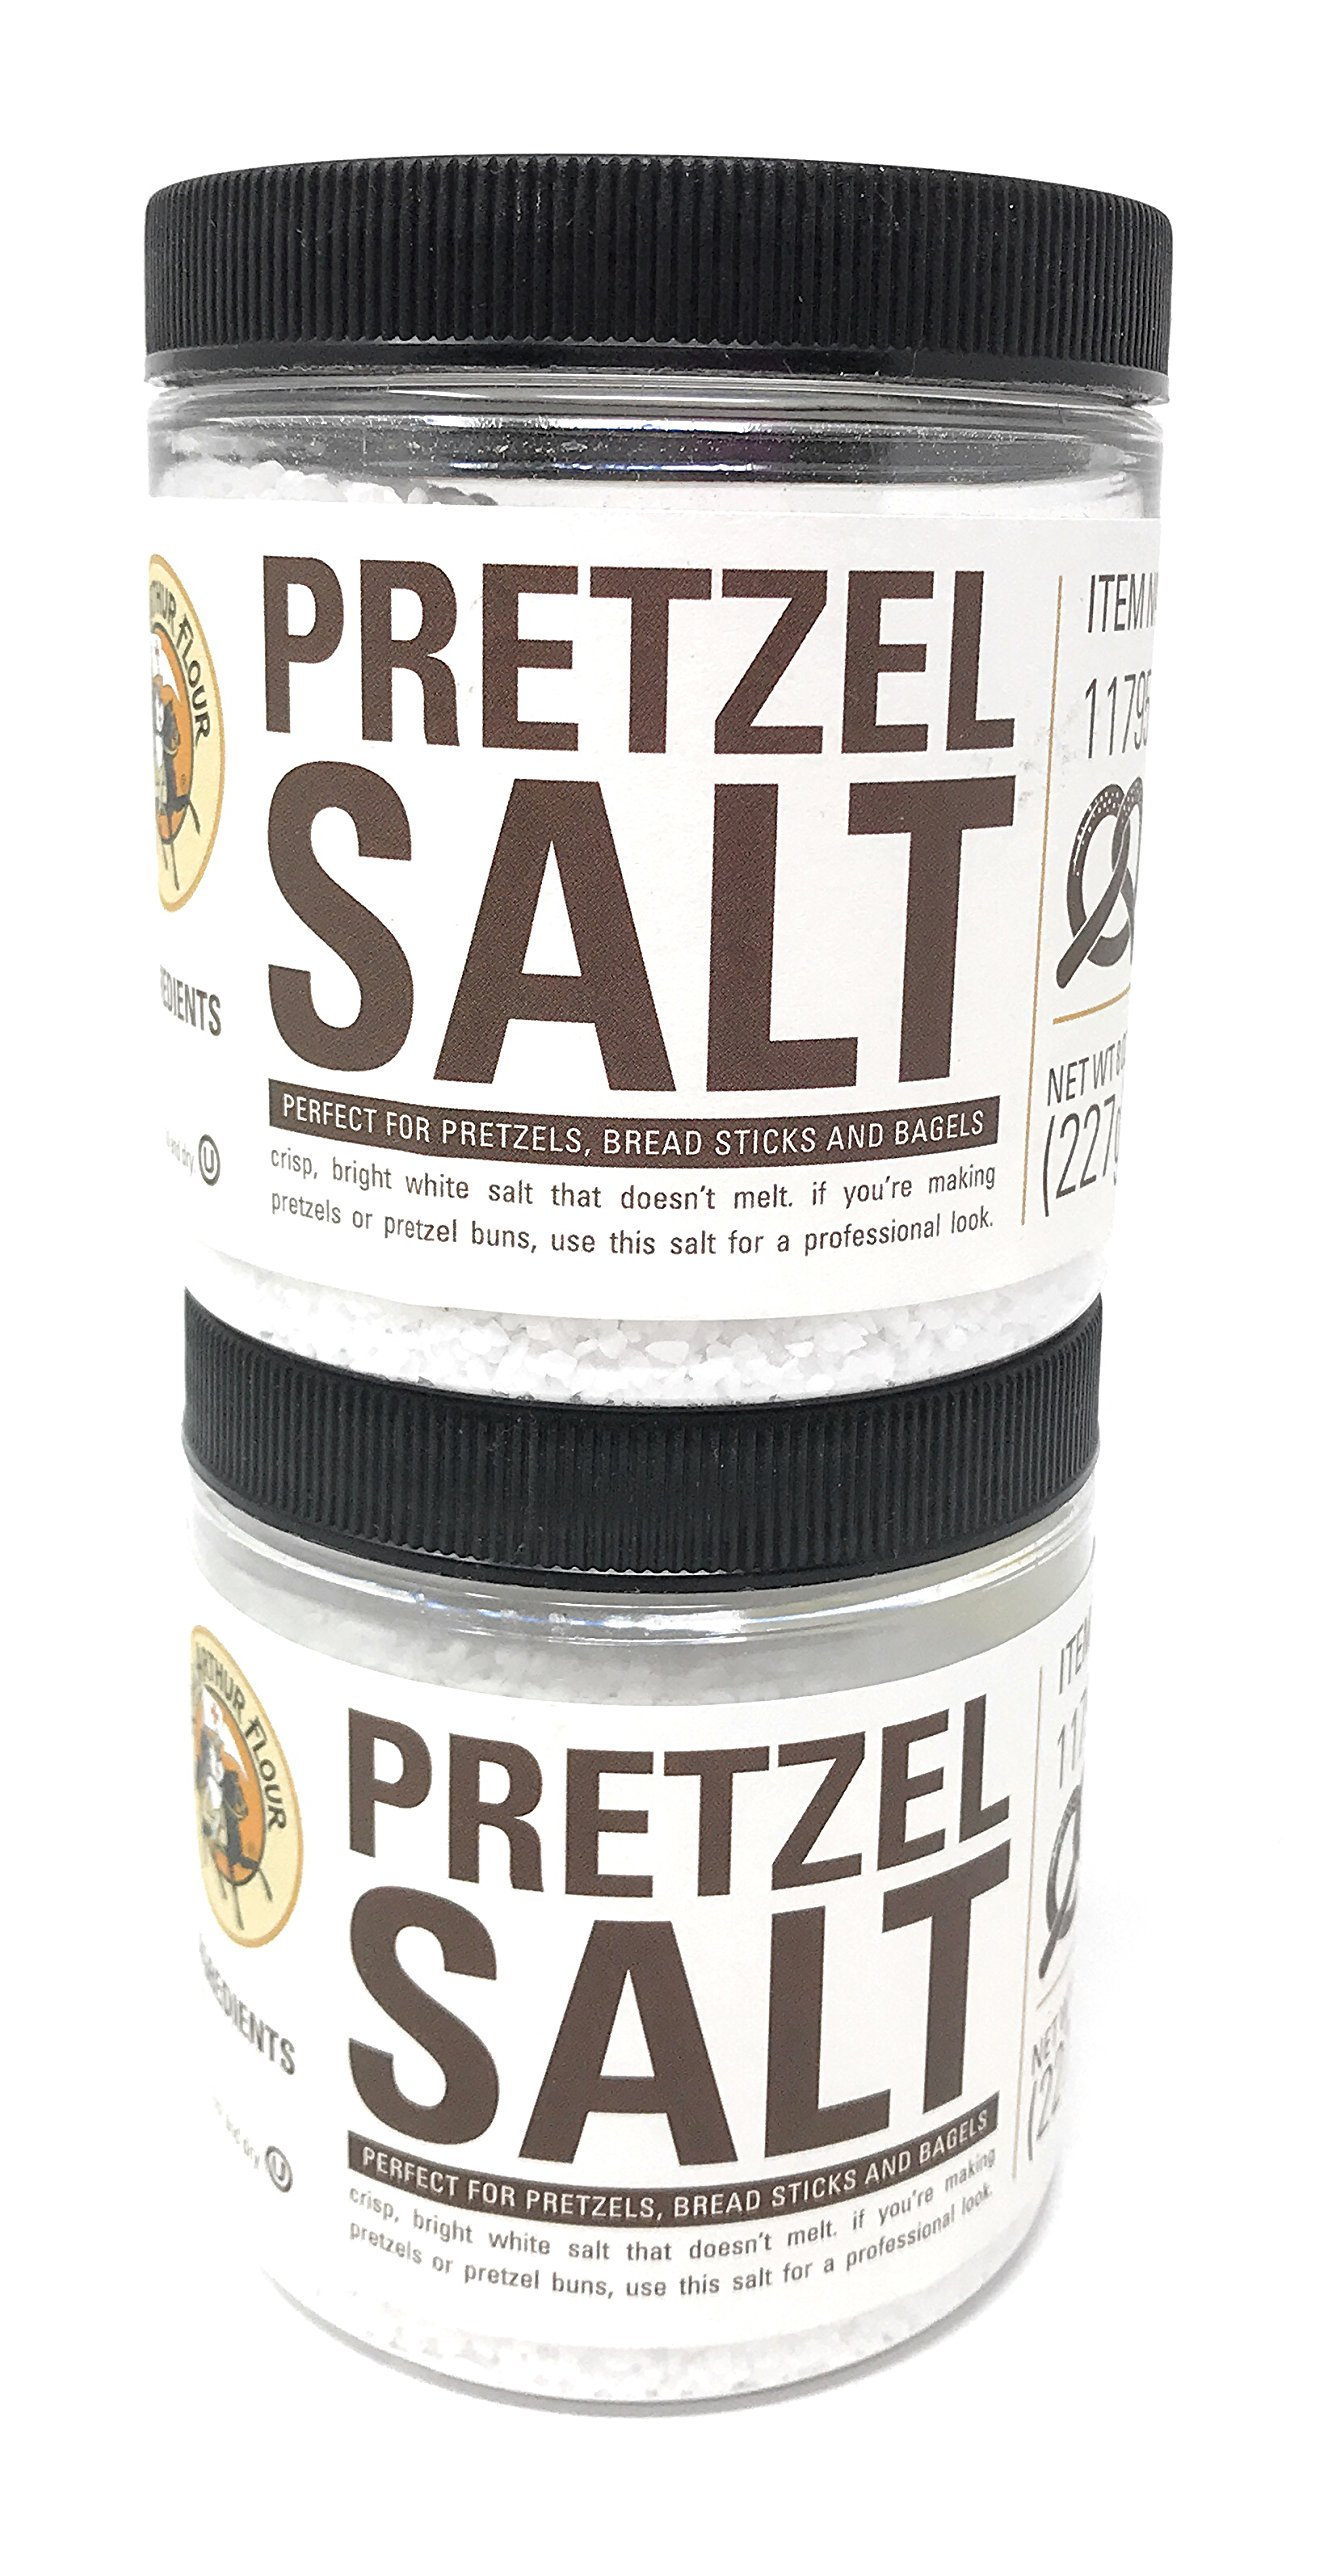 King Arthur Flour Pretzel Salt - 8 oz (Pack of 2) by King Arthur Flour (Image #1)